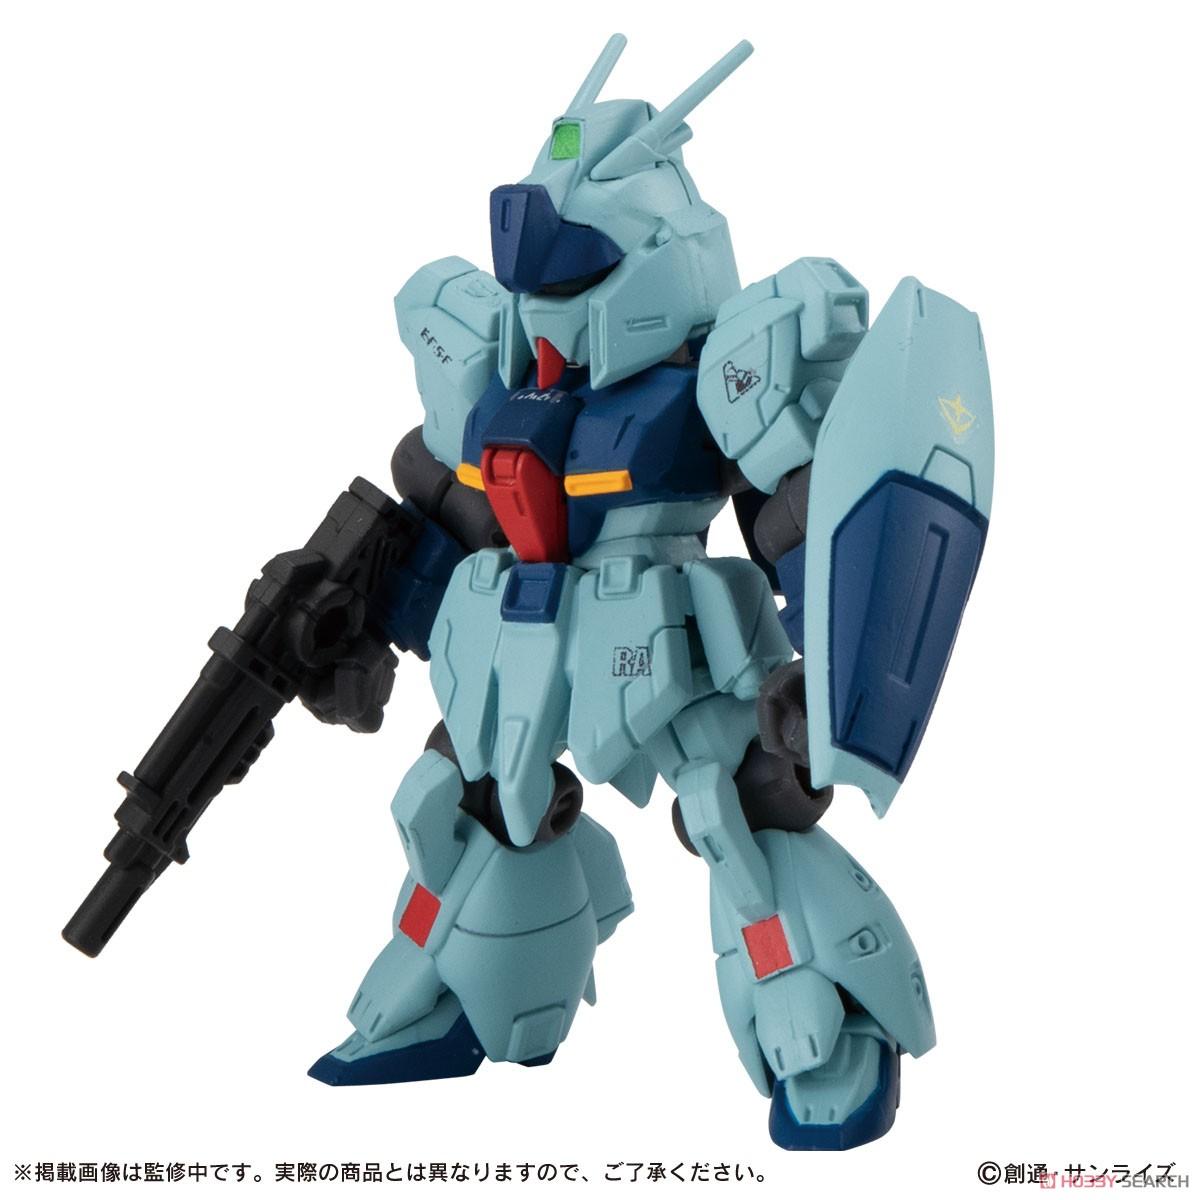 機動戦士ガンダム『MOBILE SUIT ENSEMBLE7.5』デフォルメ可動フィギュア 10個入りBOX-002